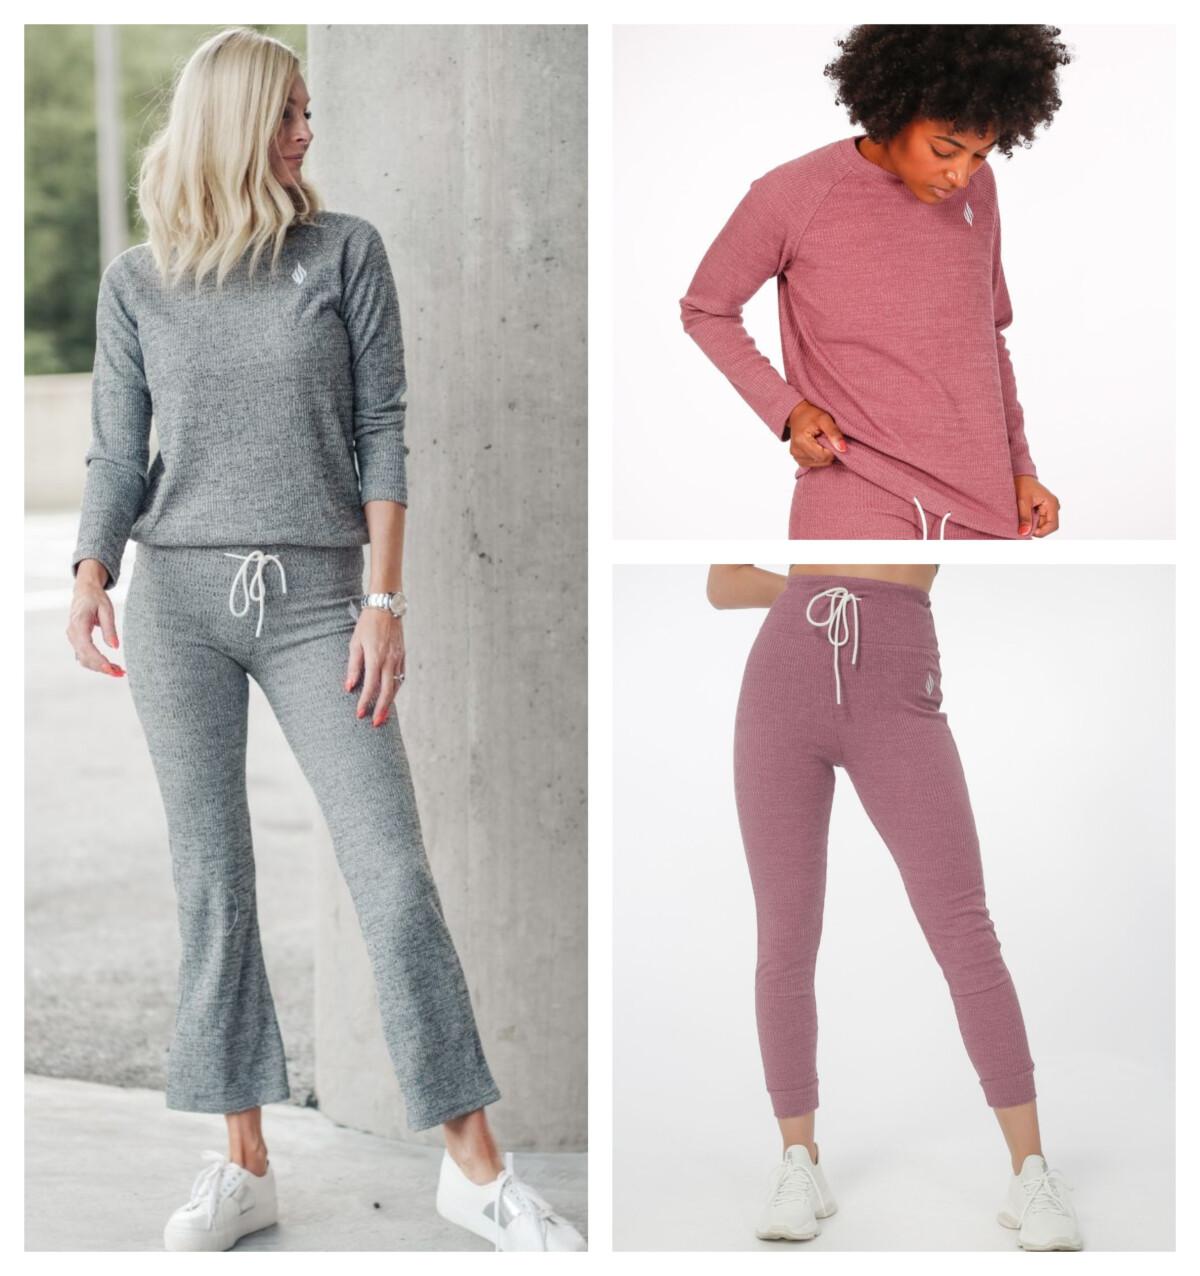 WEAREFIT-treningsklær-joggetøy-bestejoggetøy-wearefit-isalicious-isalicious1-blogger-rabattkode-rabattkodewearefit-moteblogger-styleblogger-fashionblogger-discountcode-klær-wants-innkjøp-chillklær-loungeklær